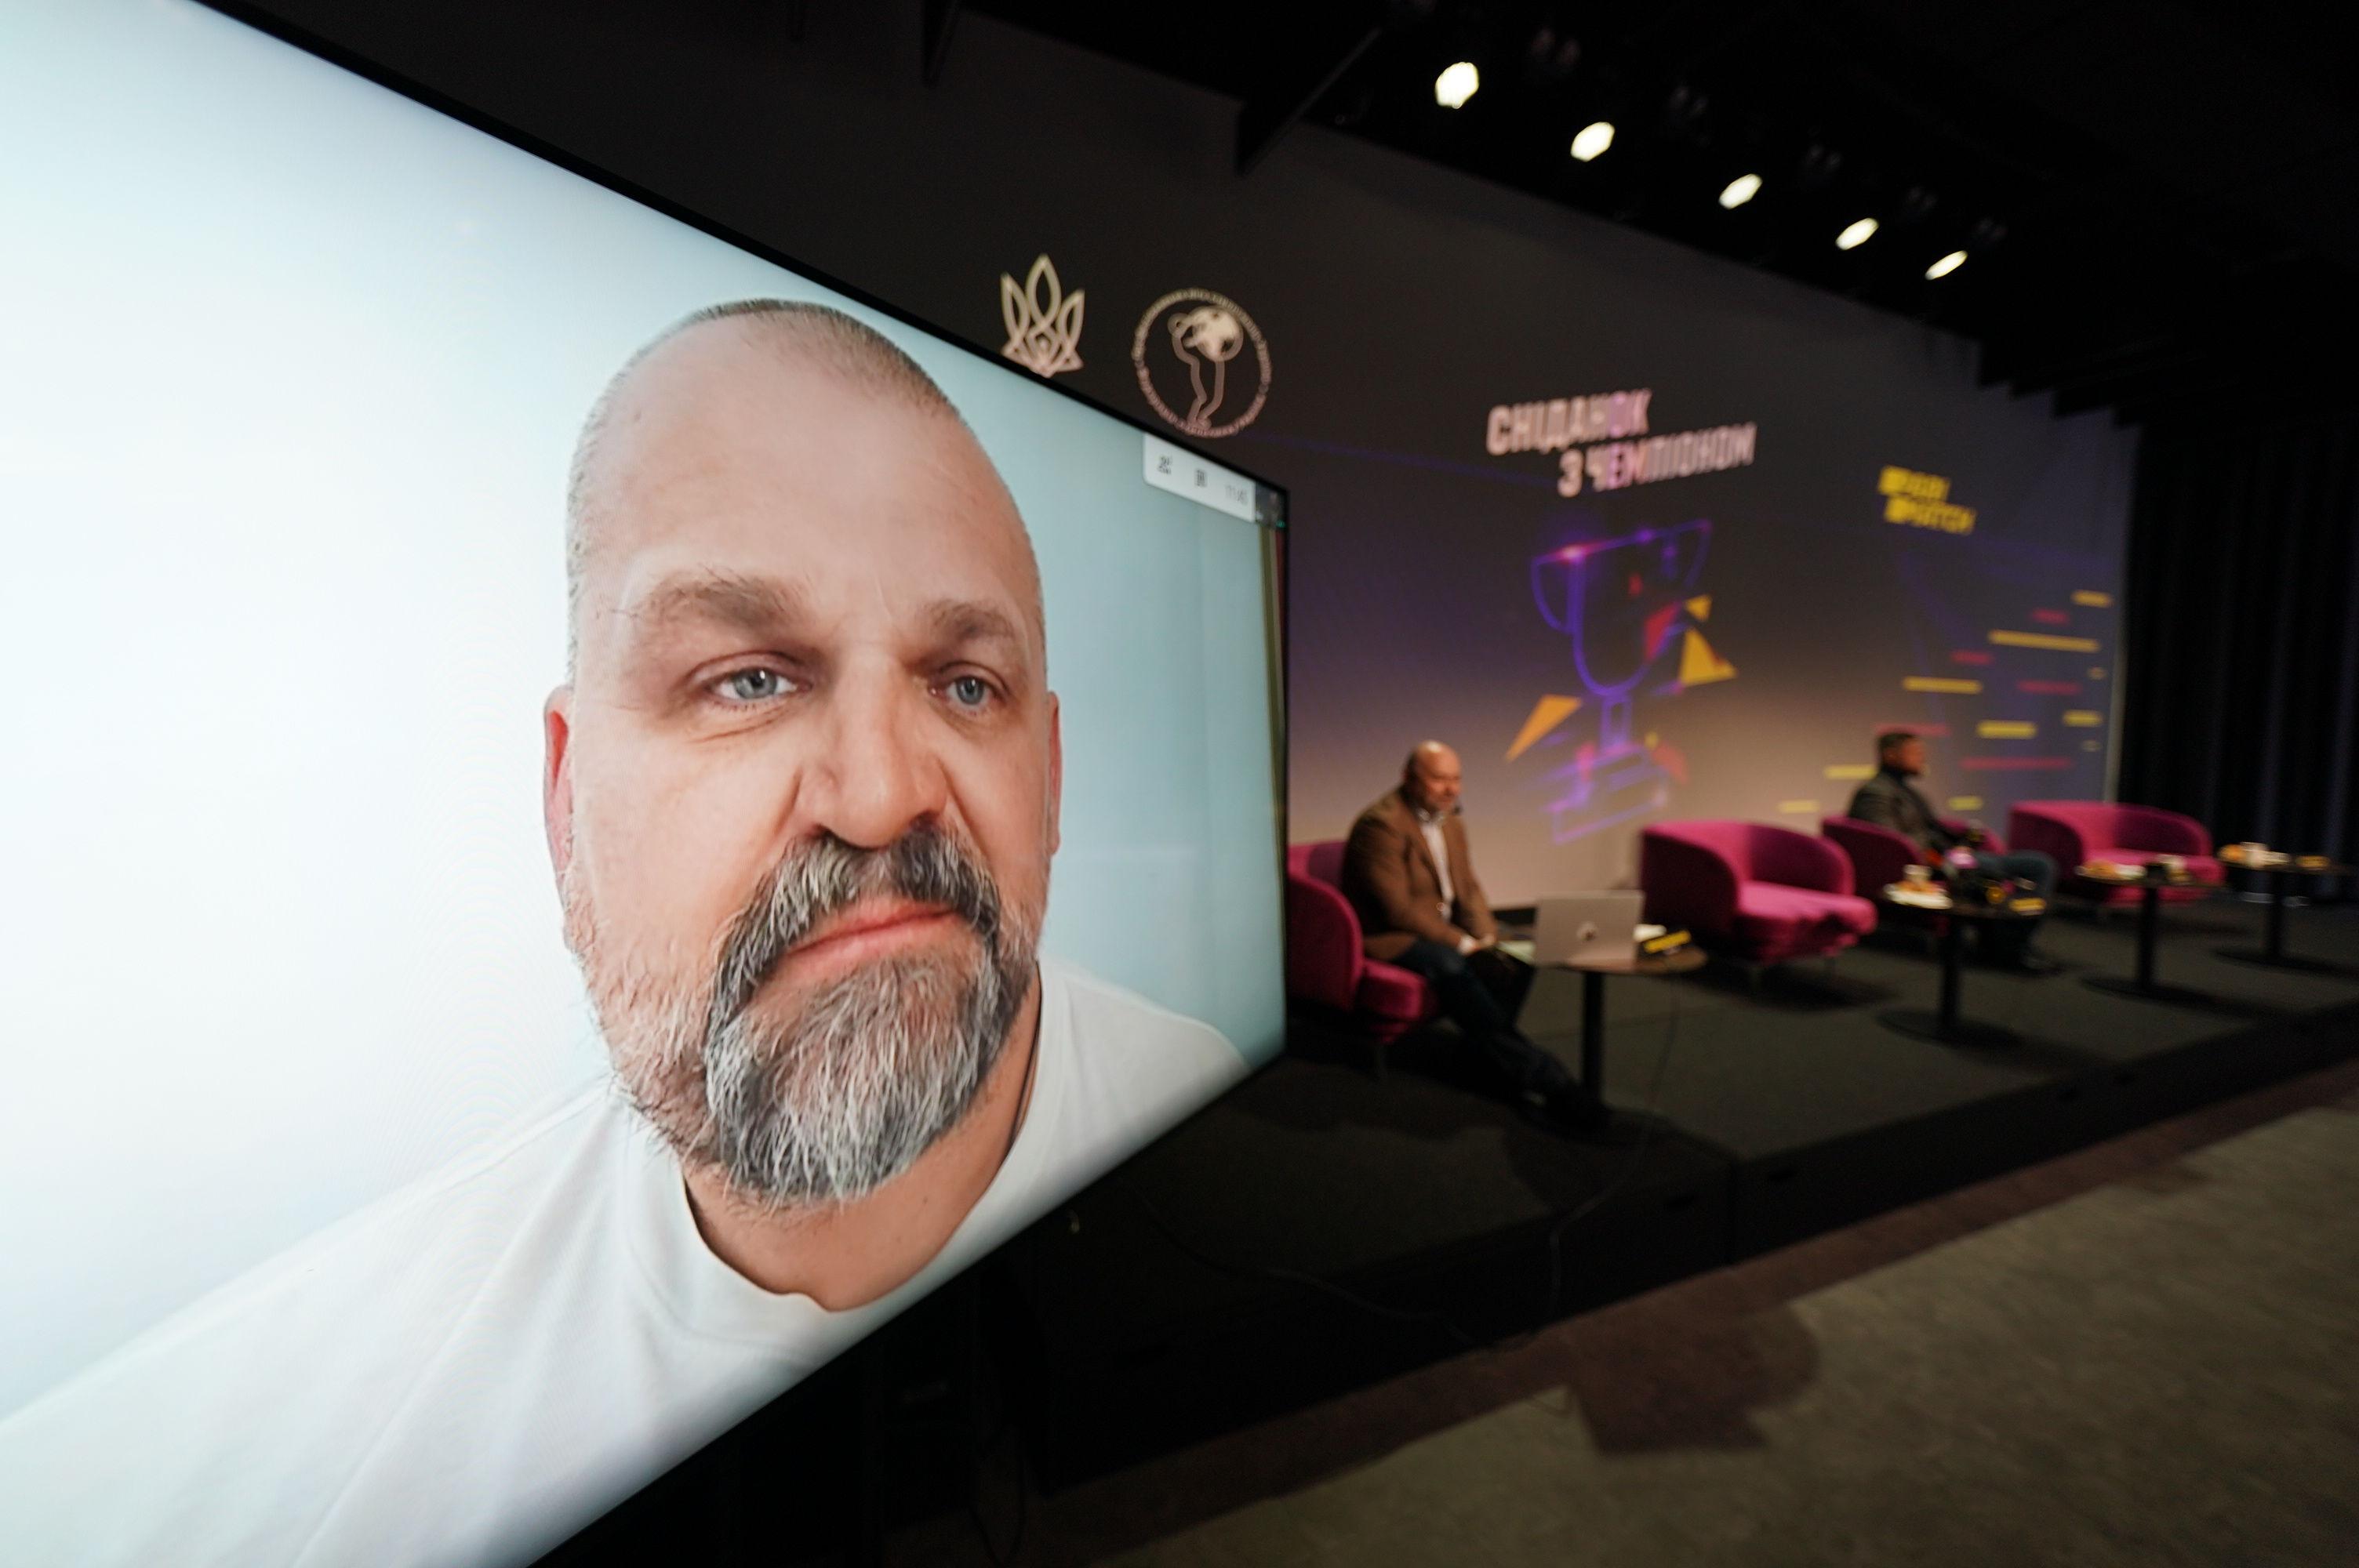 Самый сильный человек планеты Алексей Новиков рассказал о завтраках перед рекордами - изображение 2